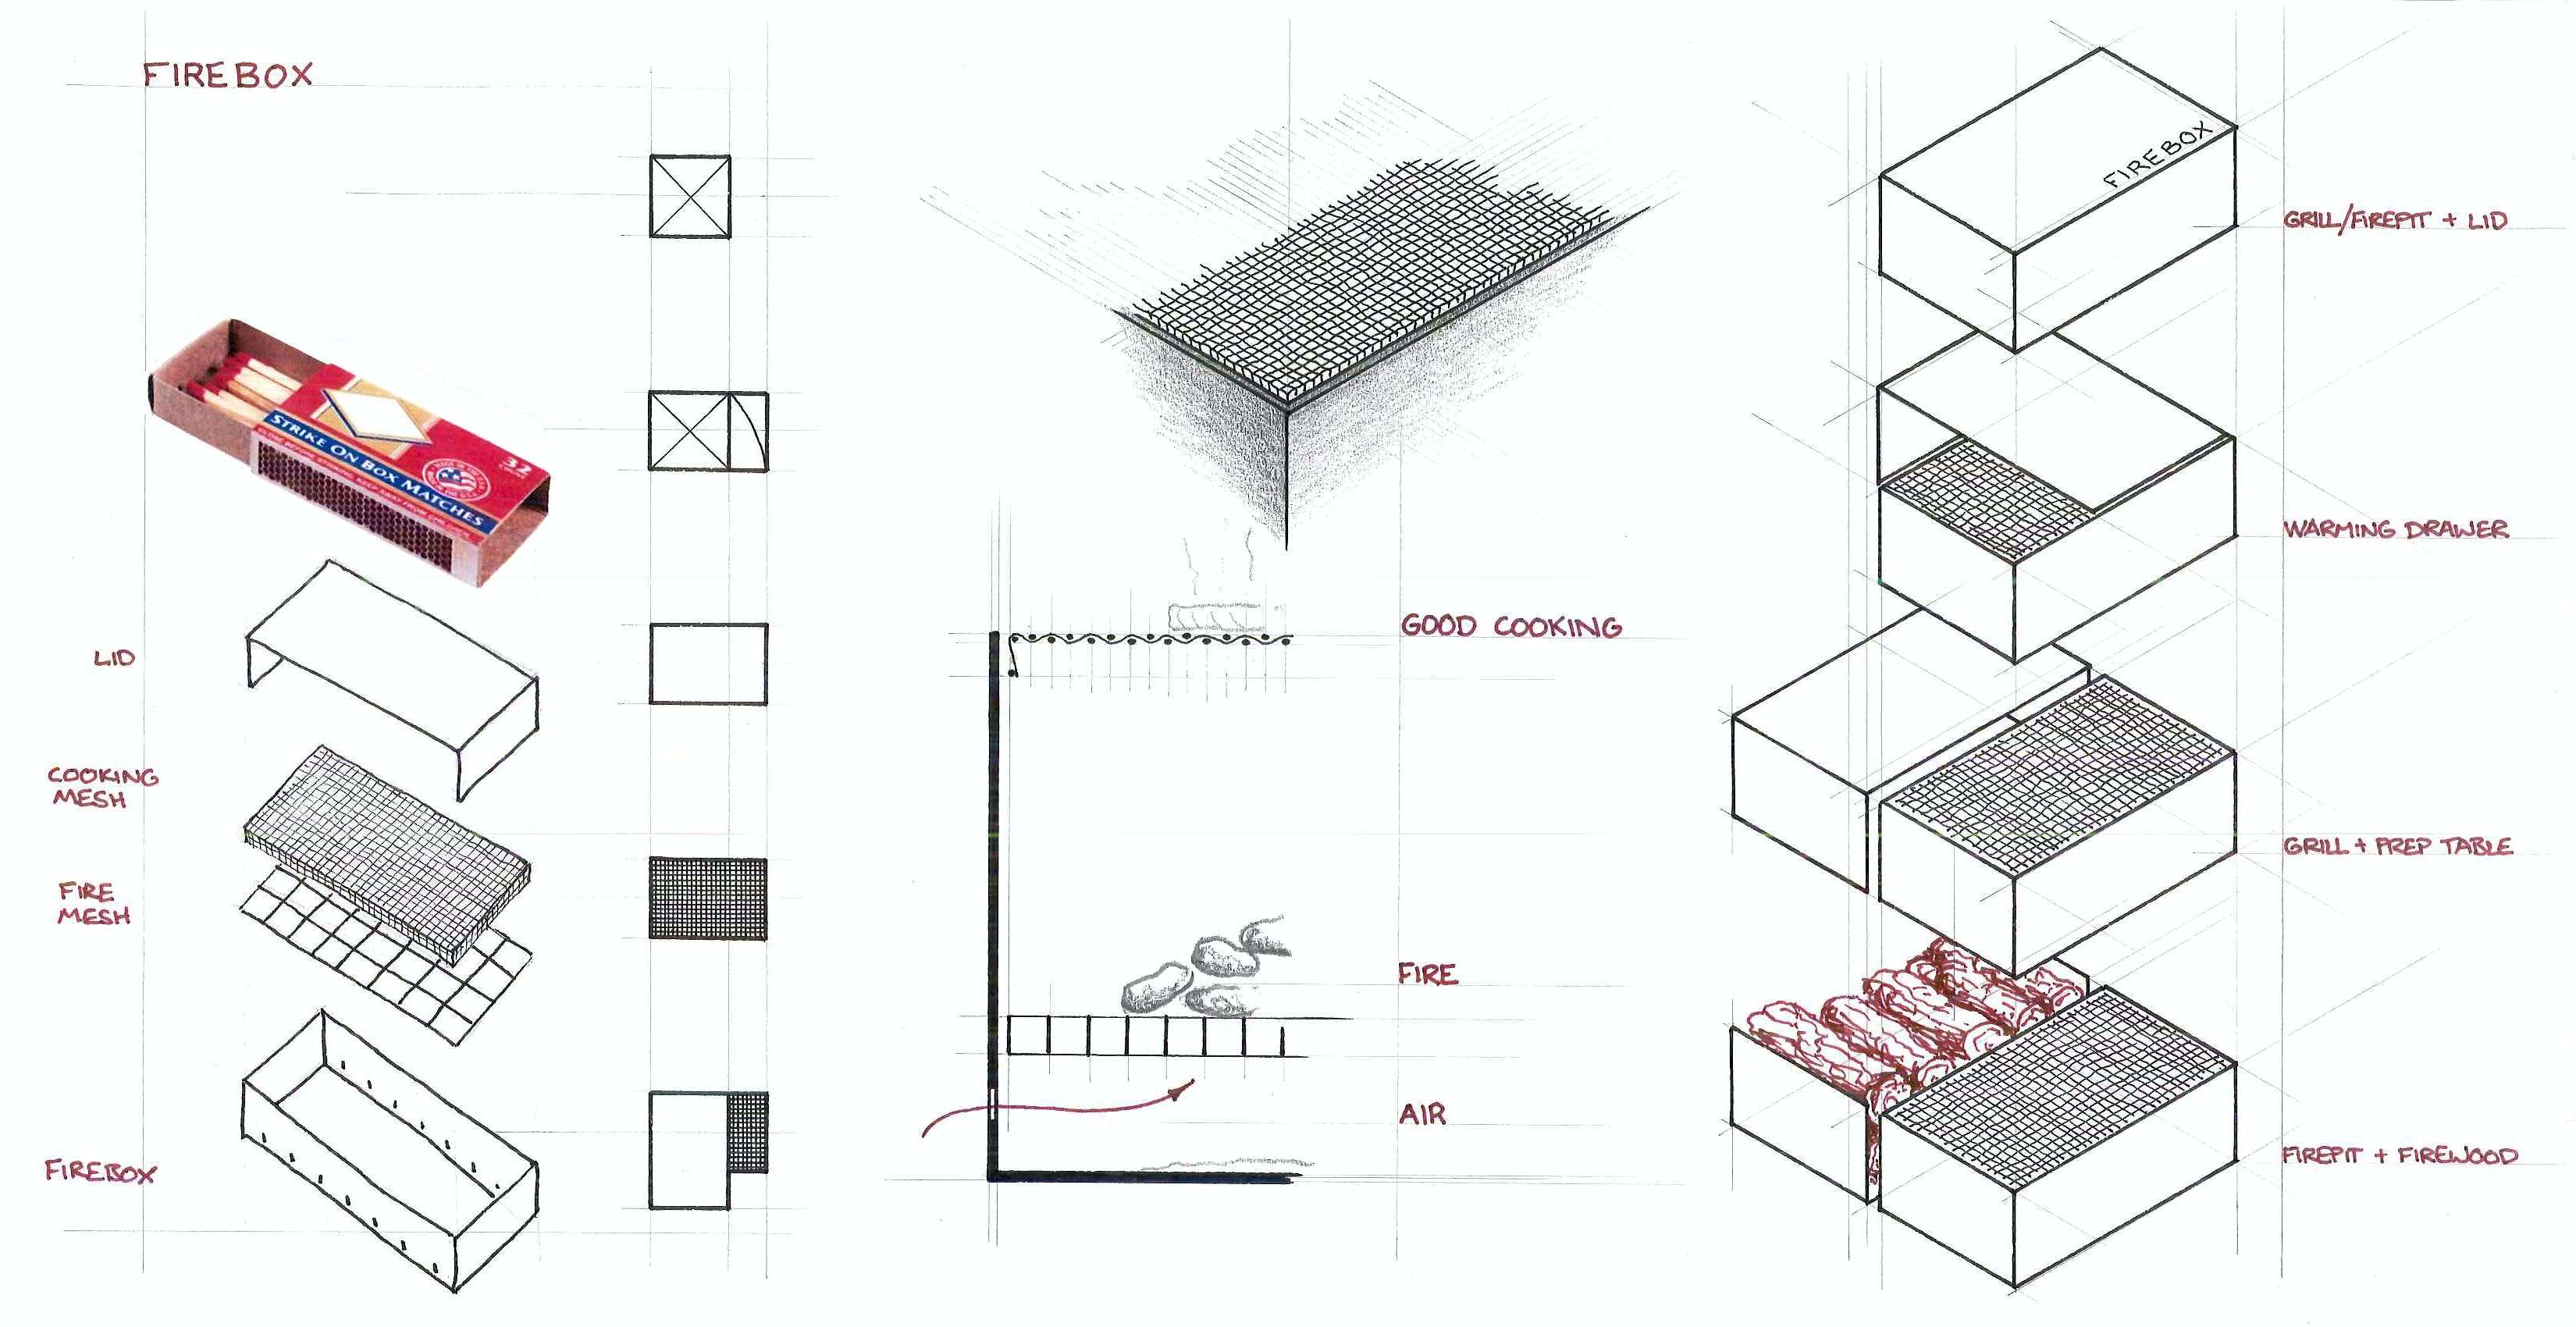 16 08 firebox sketches